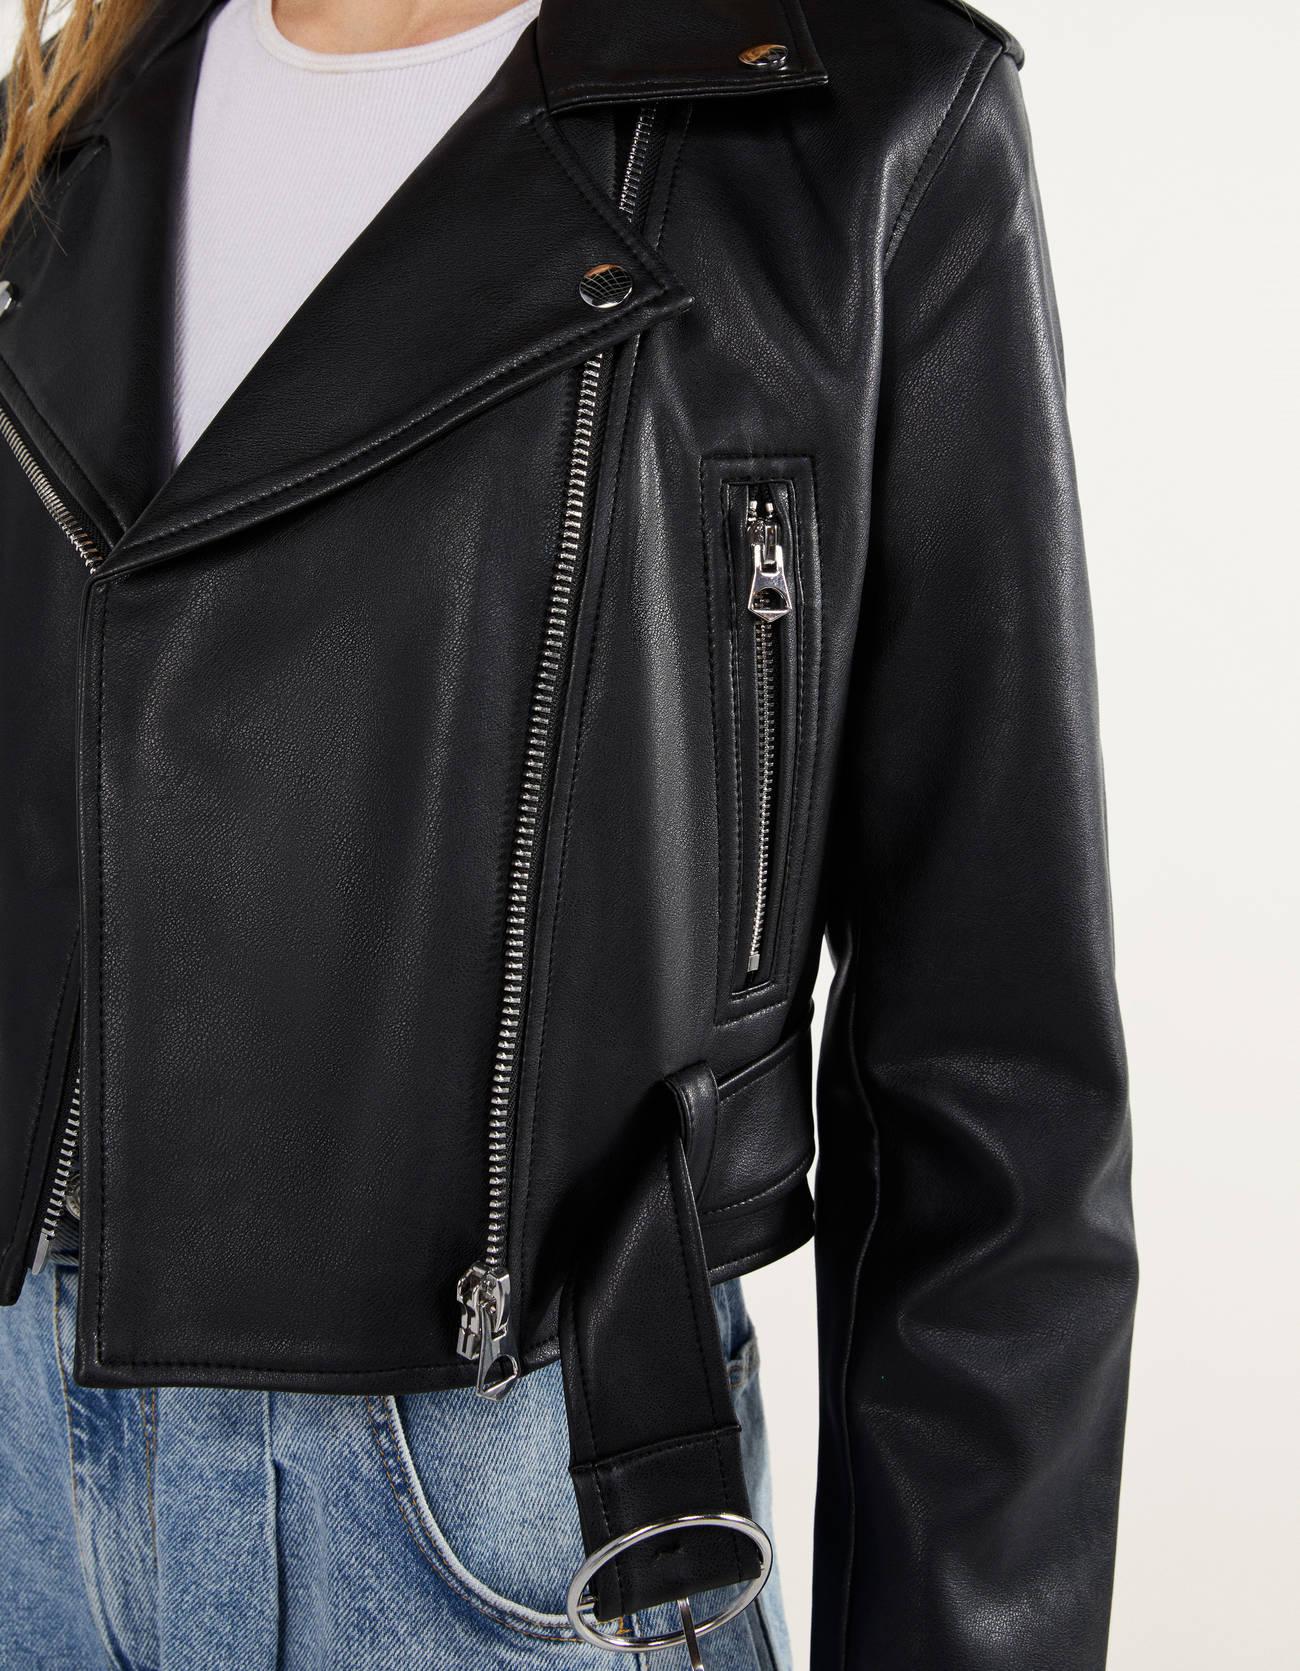 Куртка в байкерском стиле, из искусственной кожи ЧЕРНЫЙ Bershka